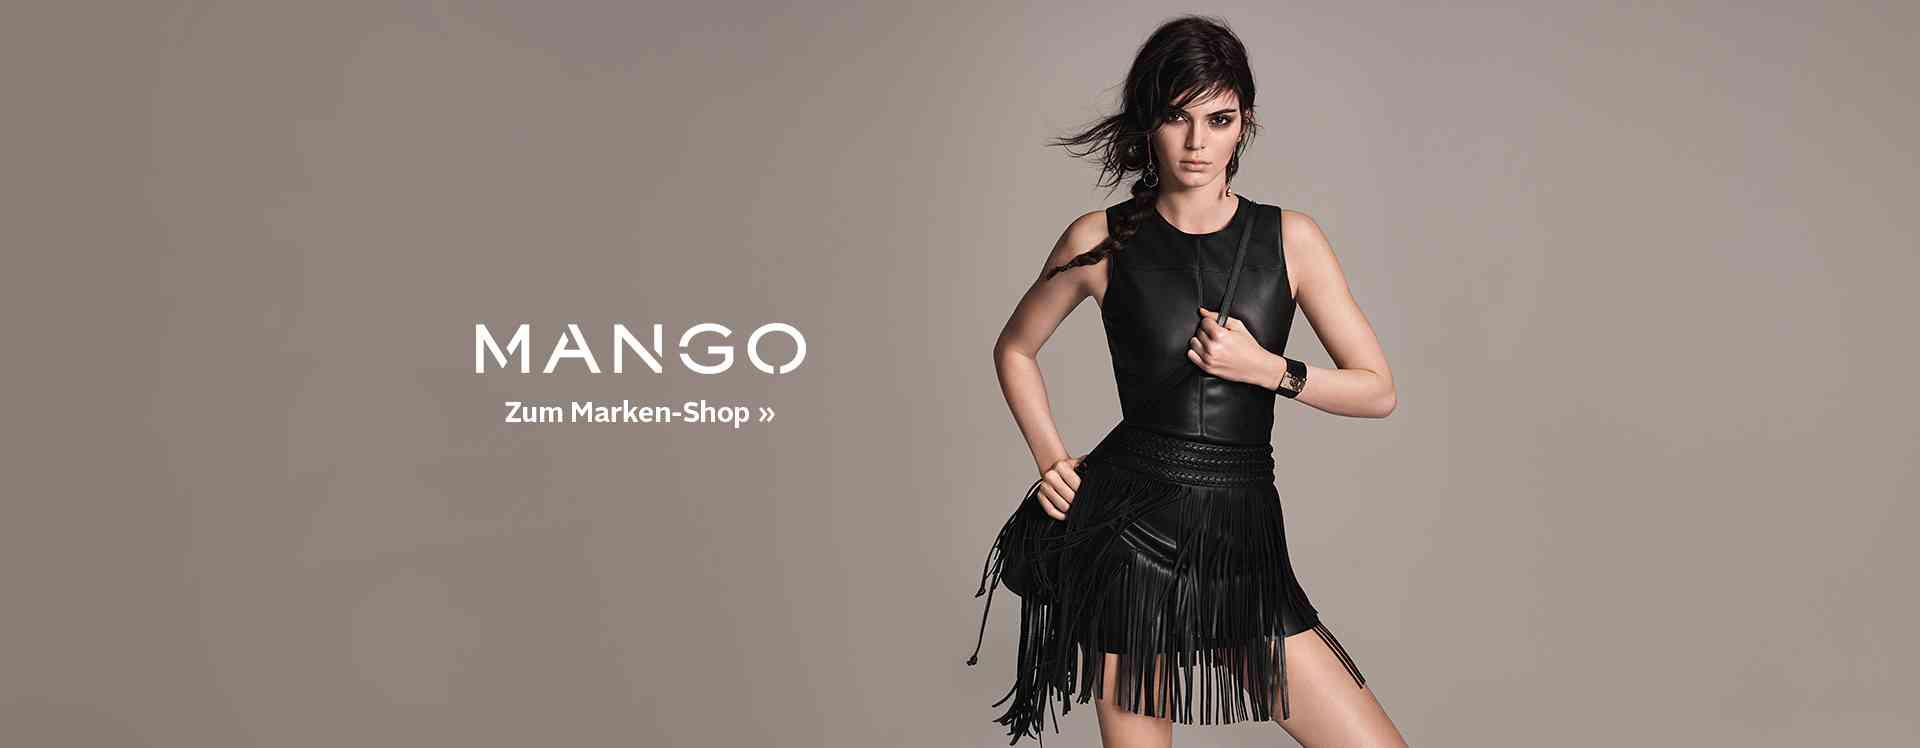 MANGO: modern & selbstbewusst Jeden Tag Stil: Mango ist das Fashionlabel, das Qualität in ein einzigartiges Design packt. Mango bietet trendige Mode zu jedem Anlass im urbanen Stil.